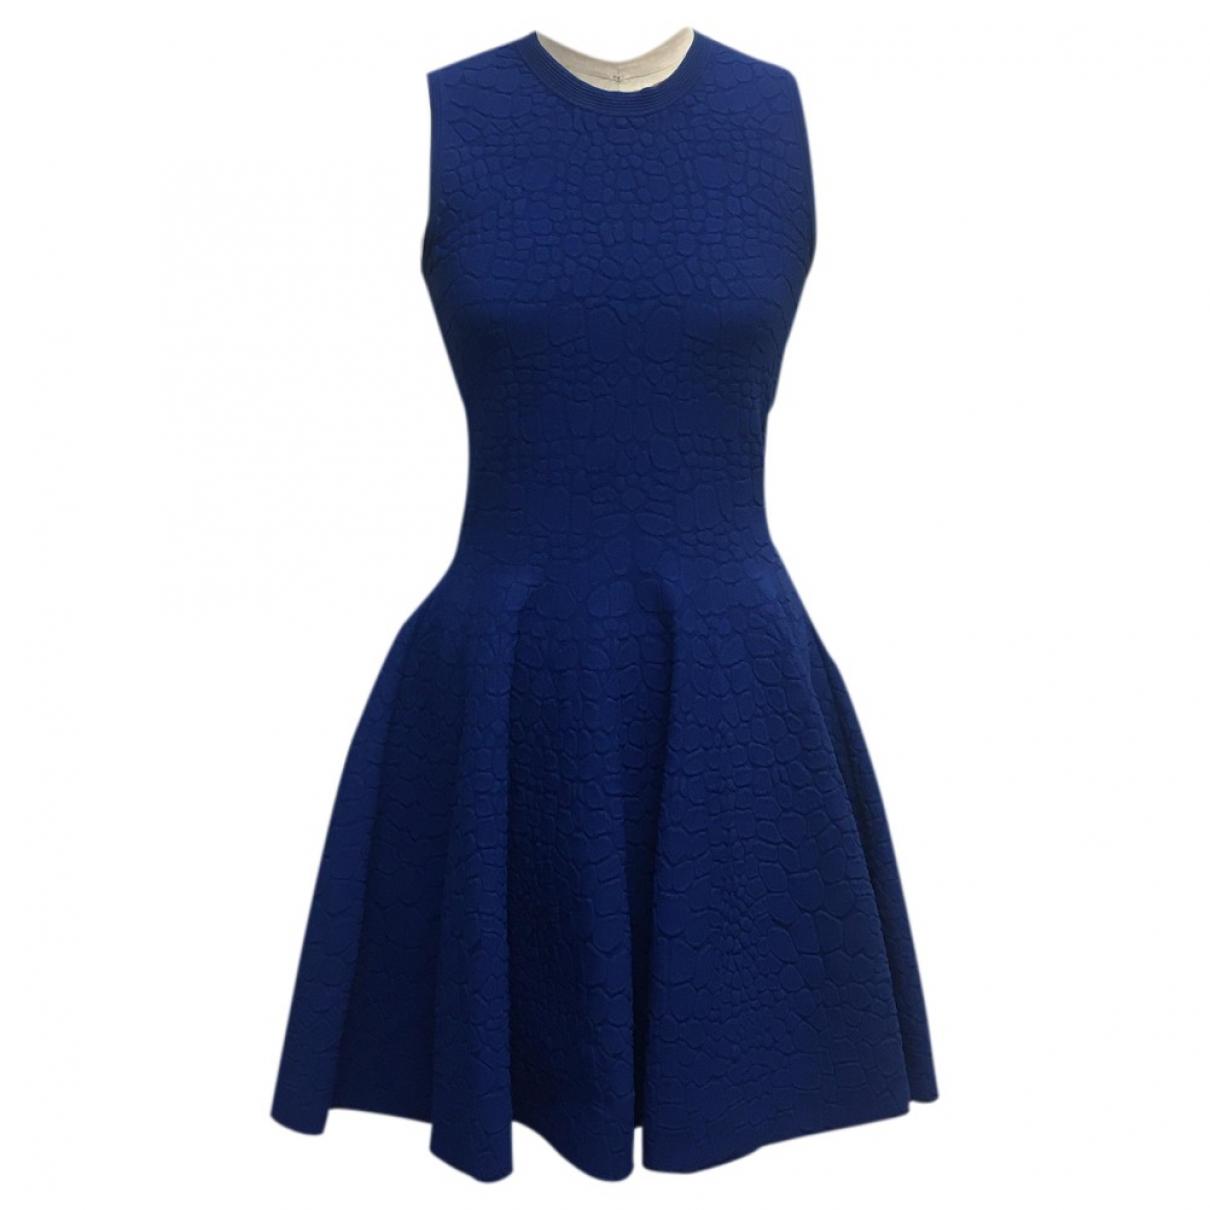 Alexander Mcqueen \N Blue dress for Women M International